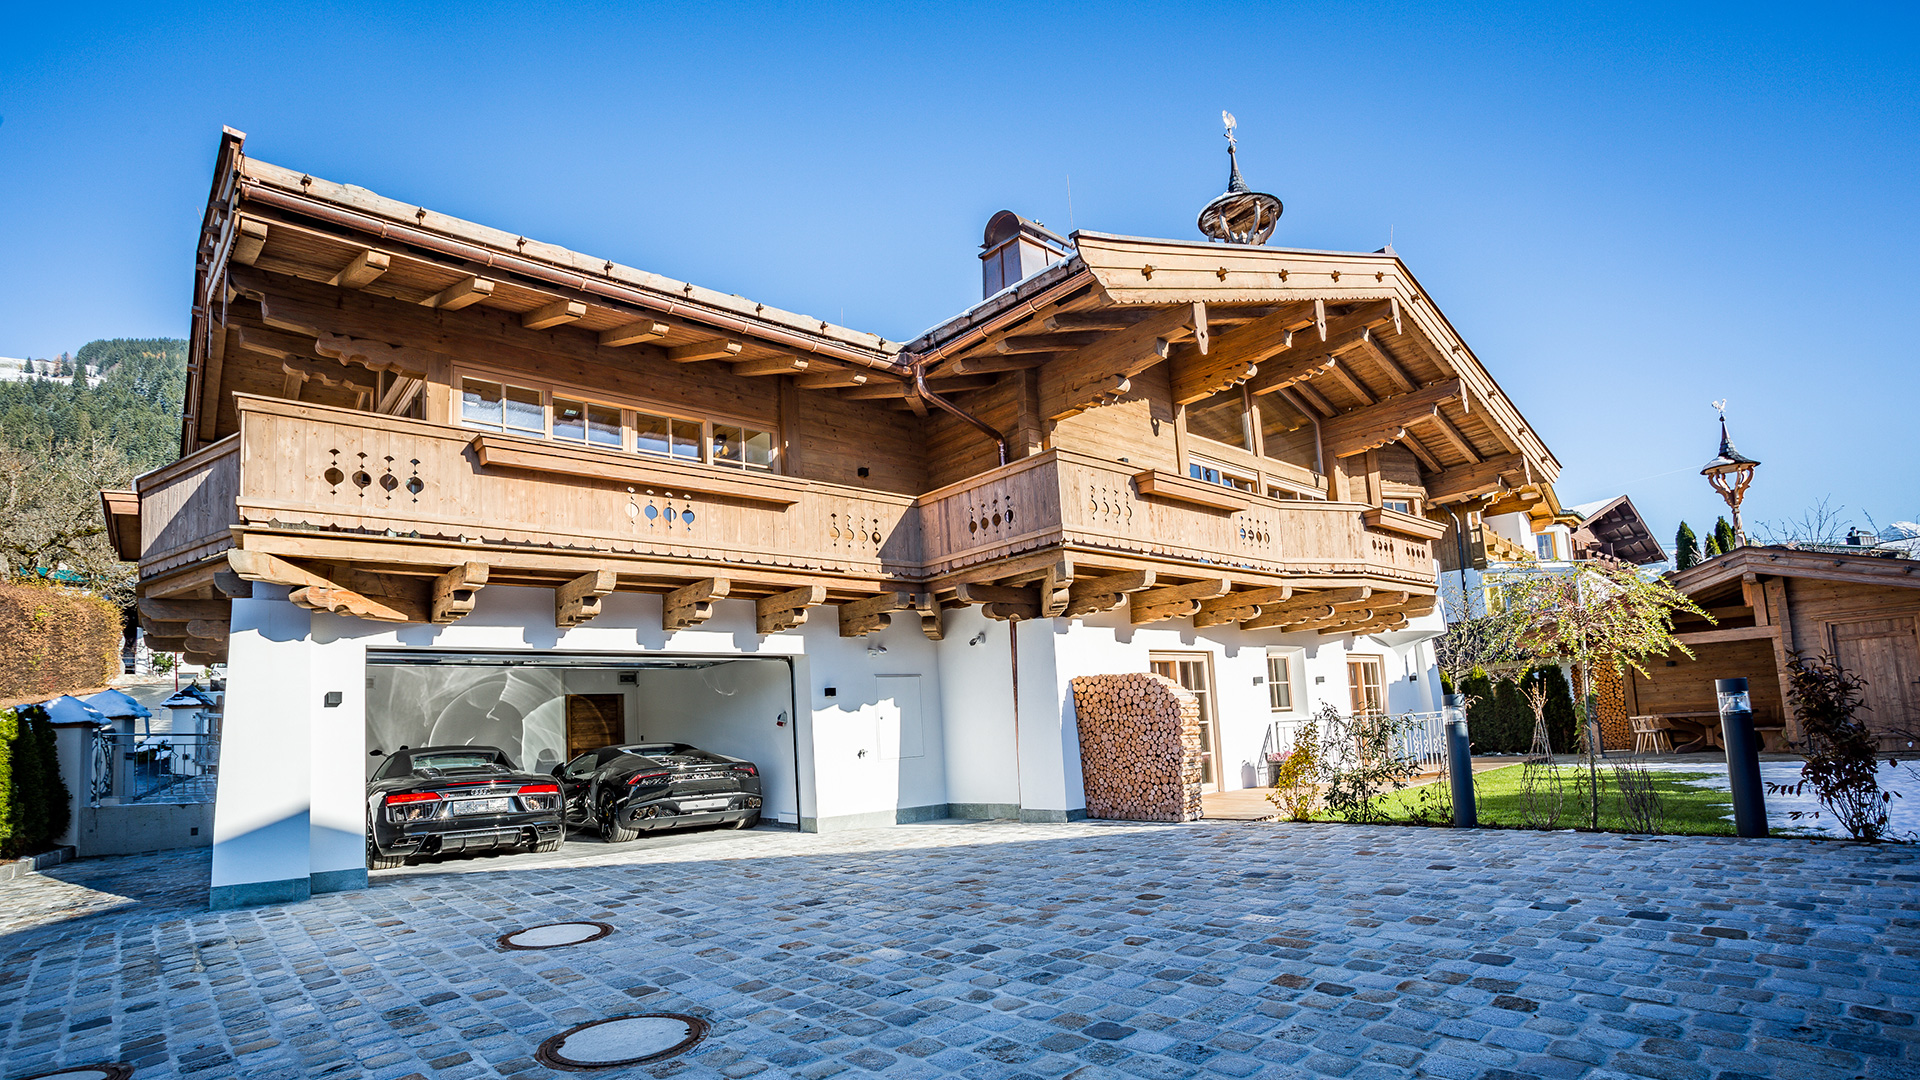 Sun Residence Chalet, Austria